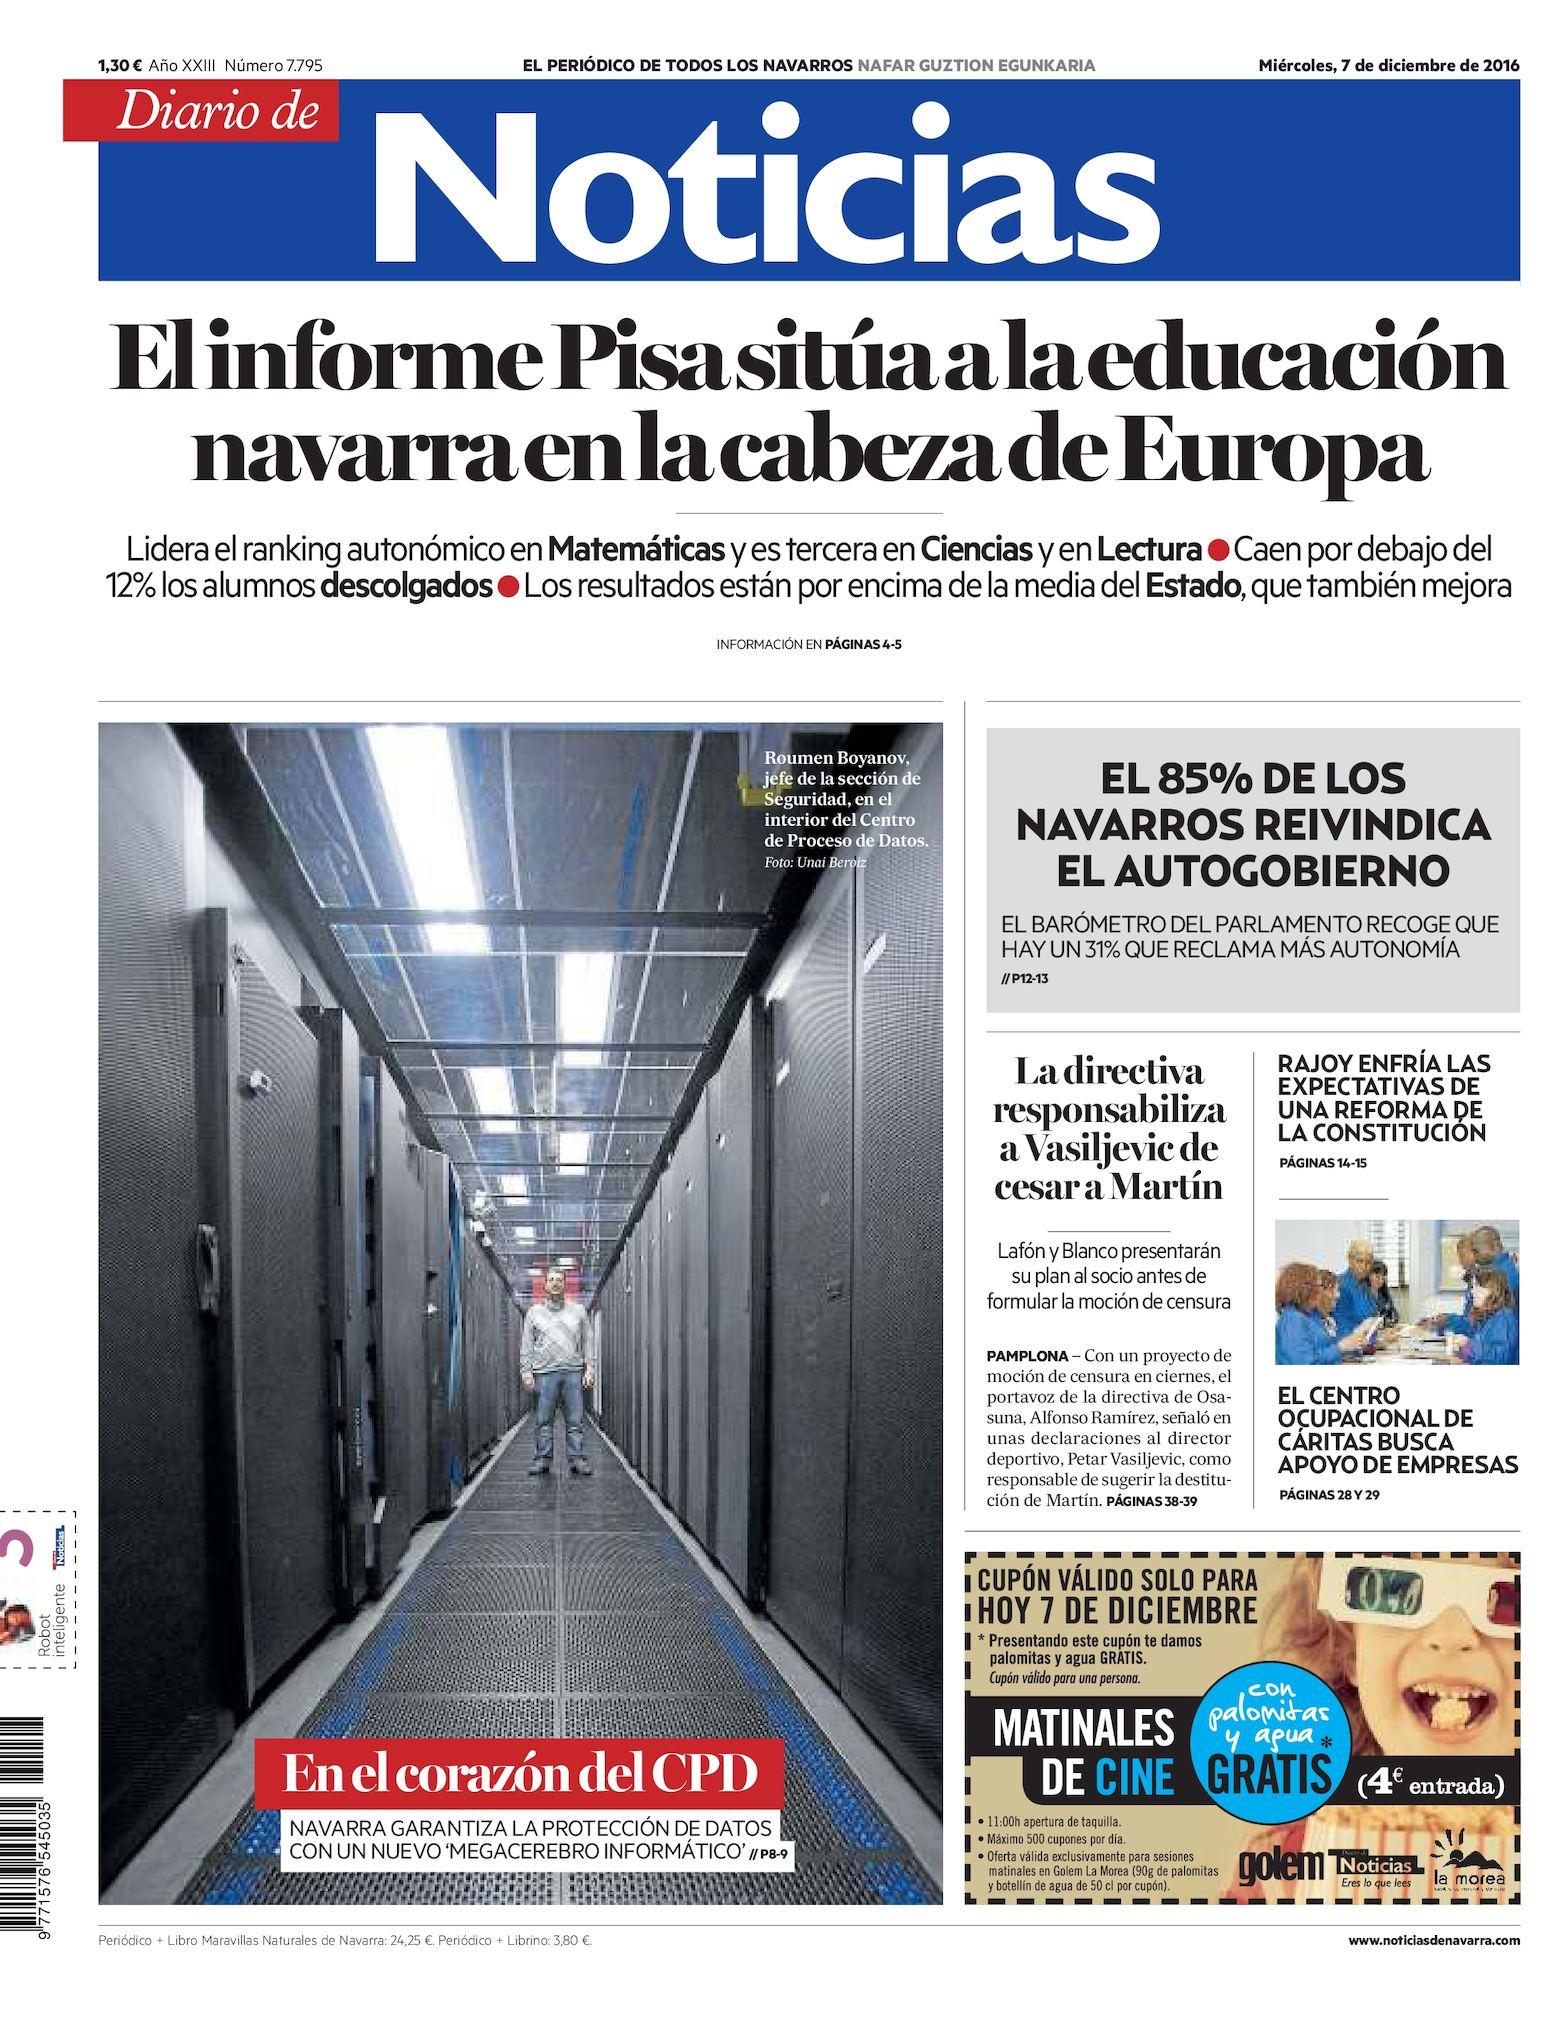 Calaméo - Diario de Noticias 20161207 3a431016b2c